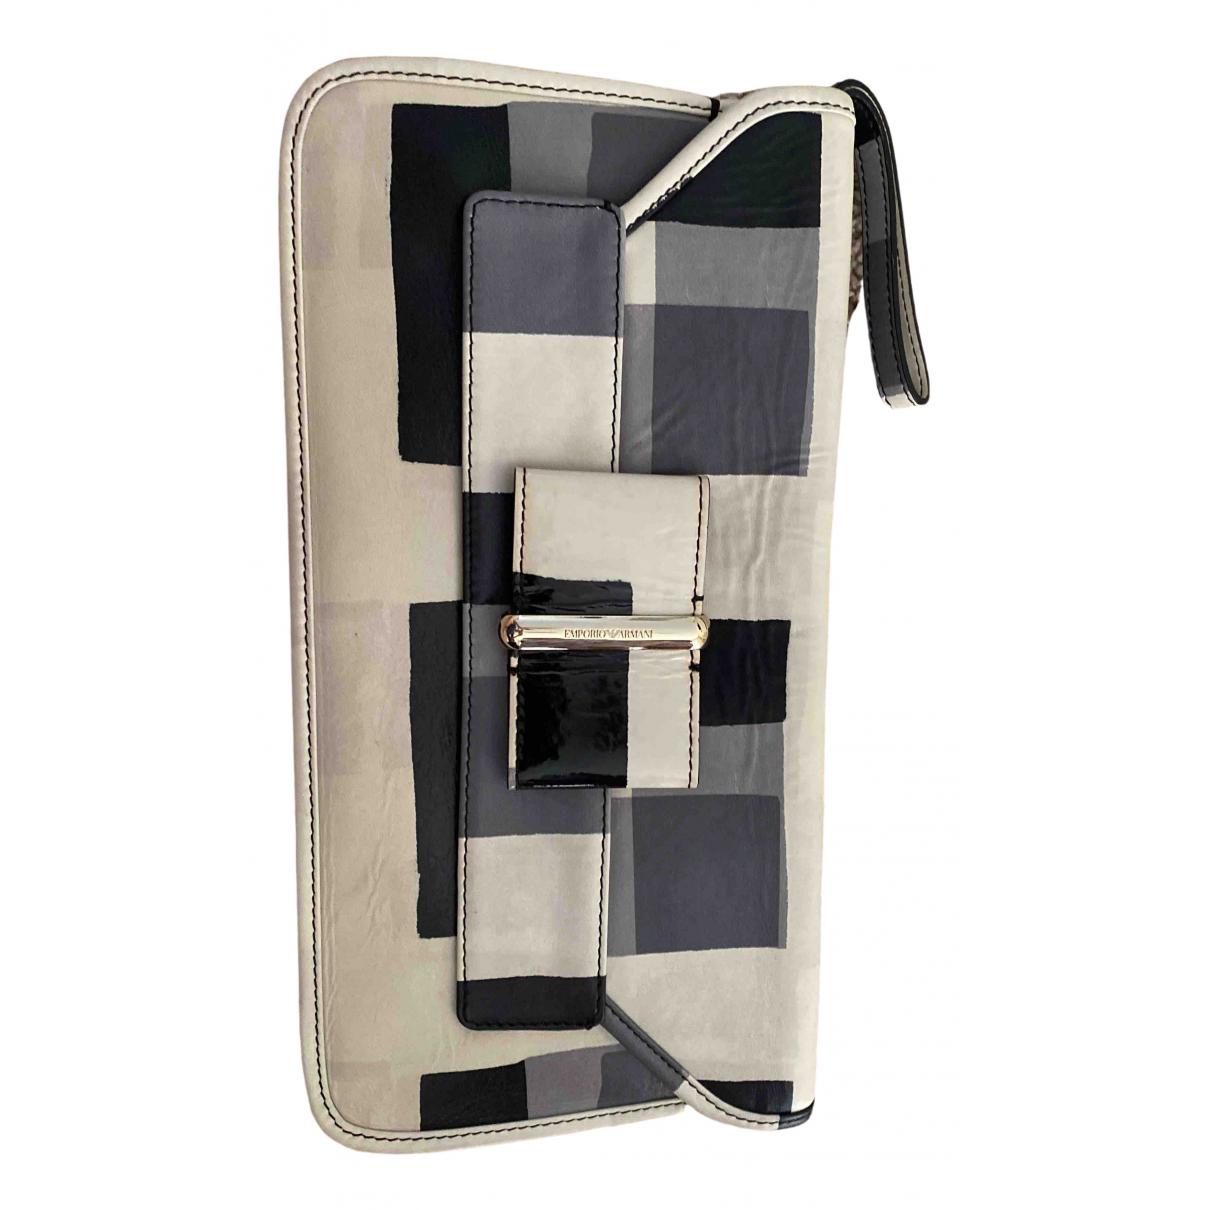 Emporio Armani \N Grey Leather Clutch bag for Women \N